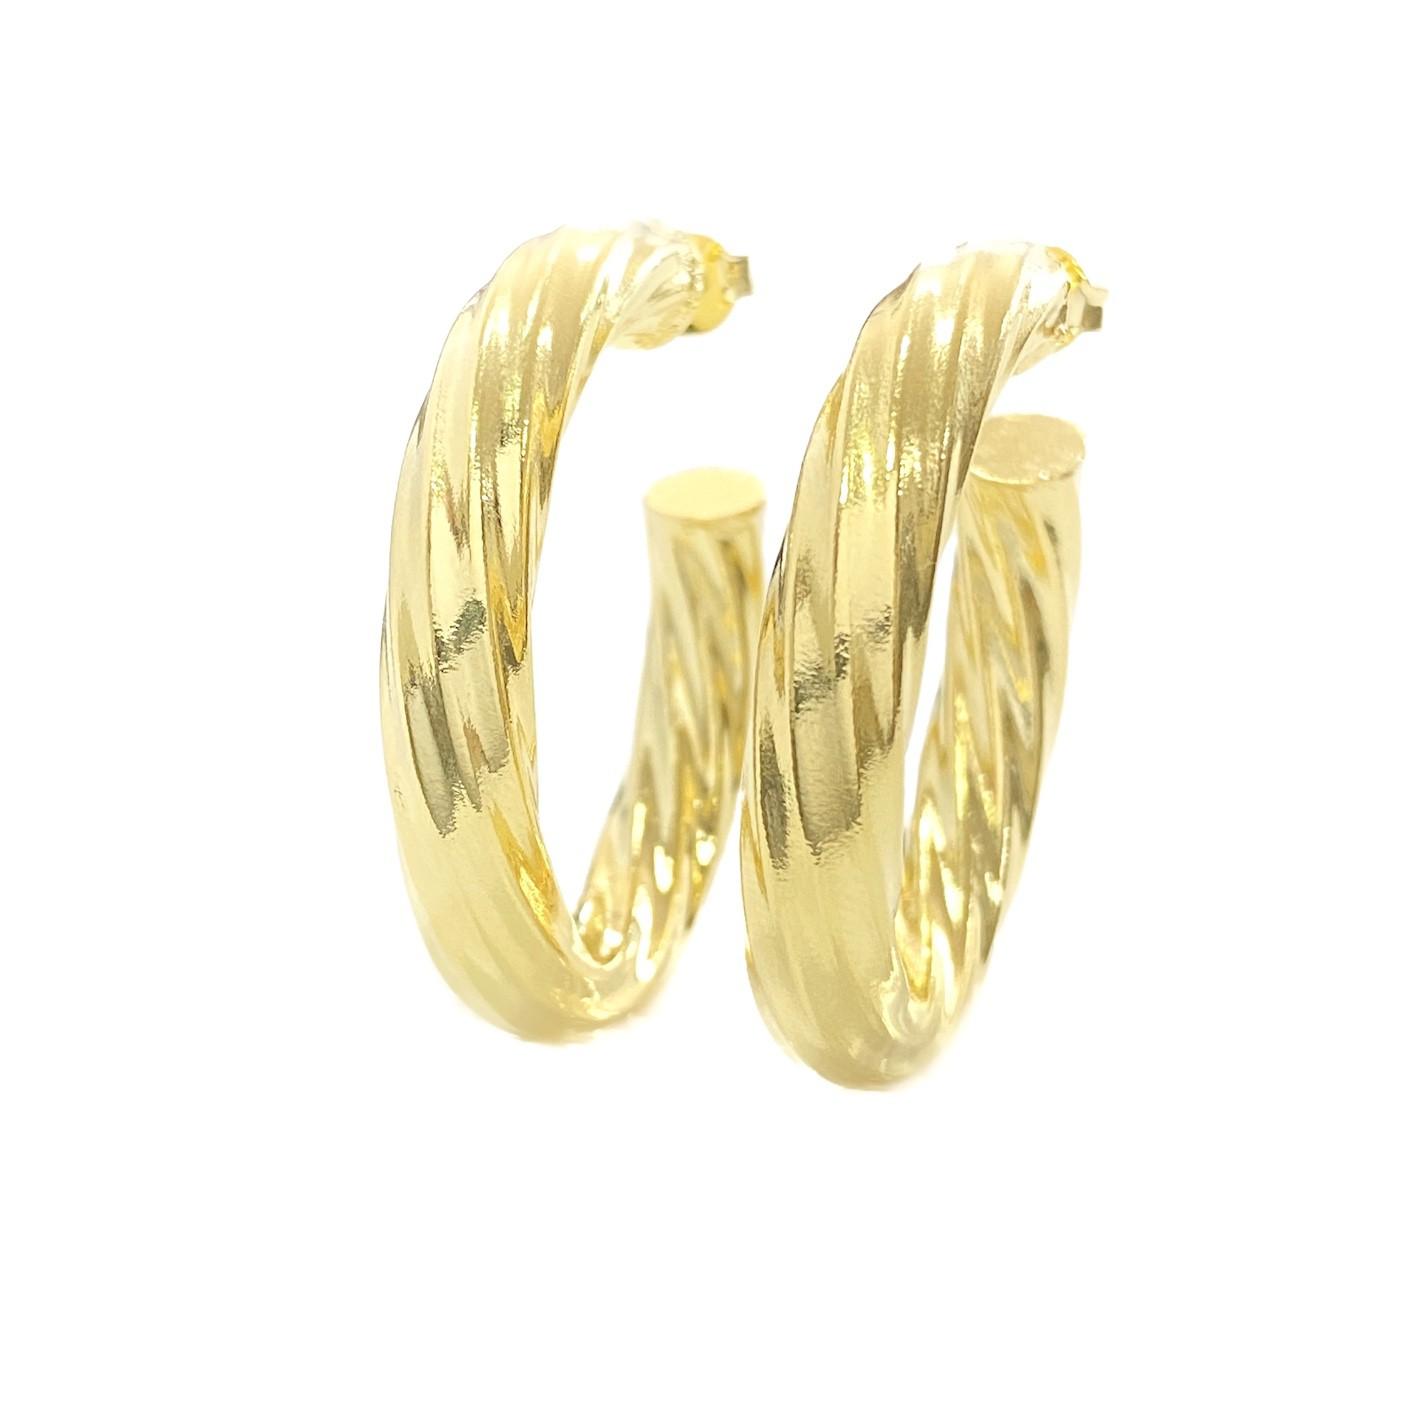 Brinco Argola Espiral G (10,5g) (Banho Ouro 24k)